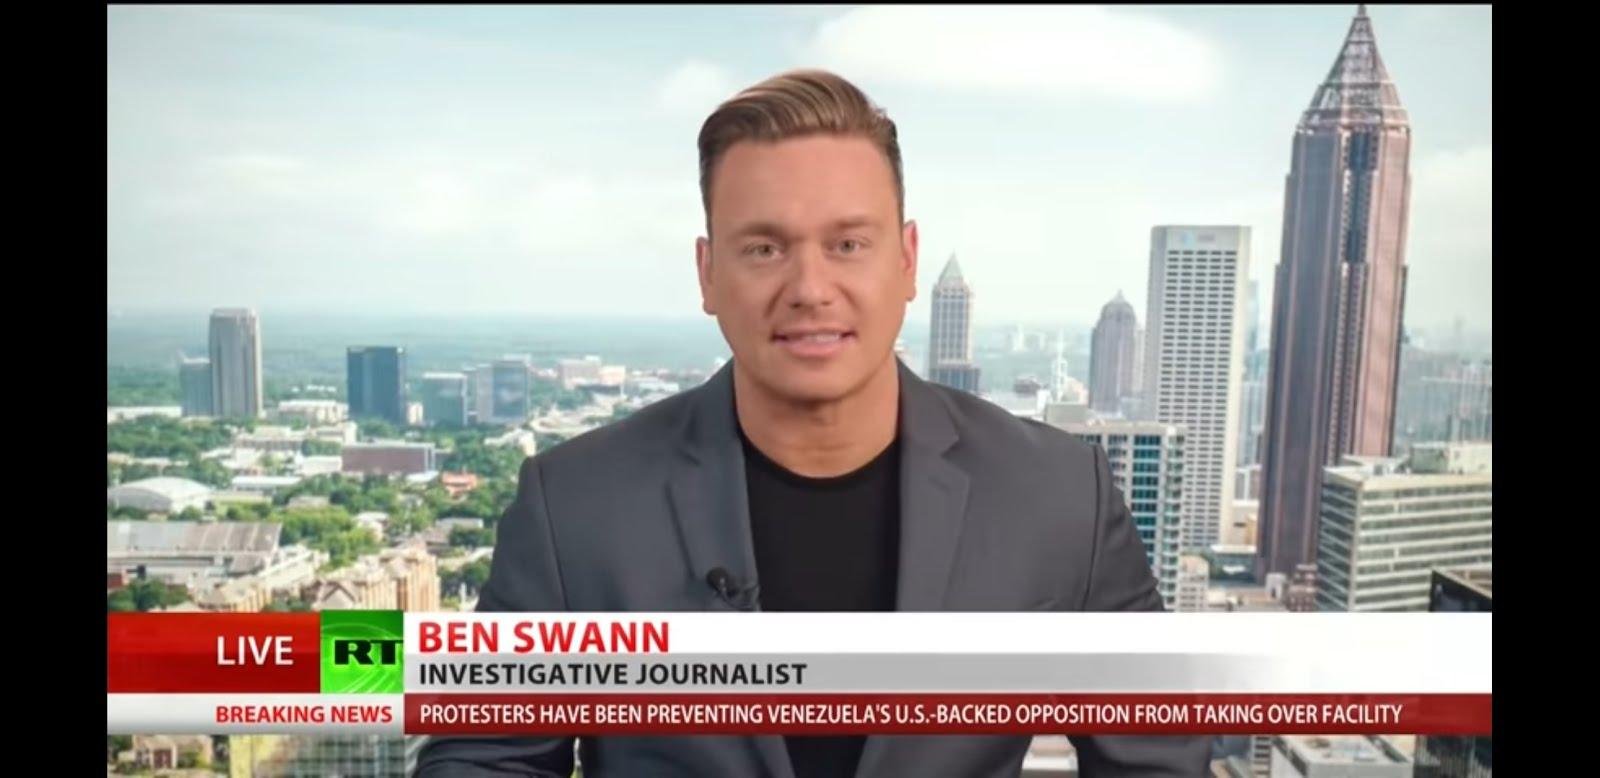 Benjamin Swann